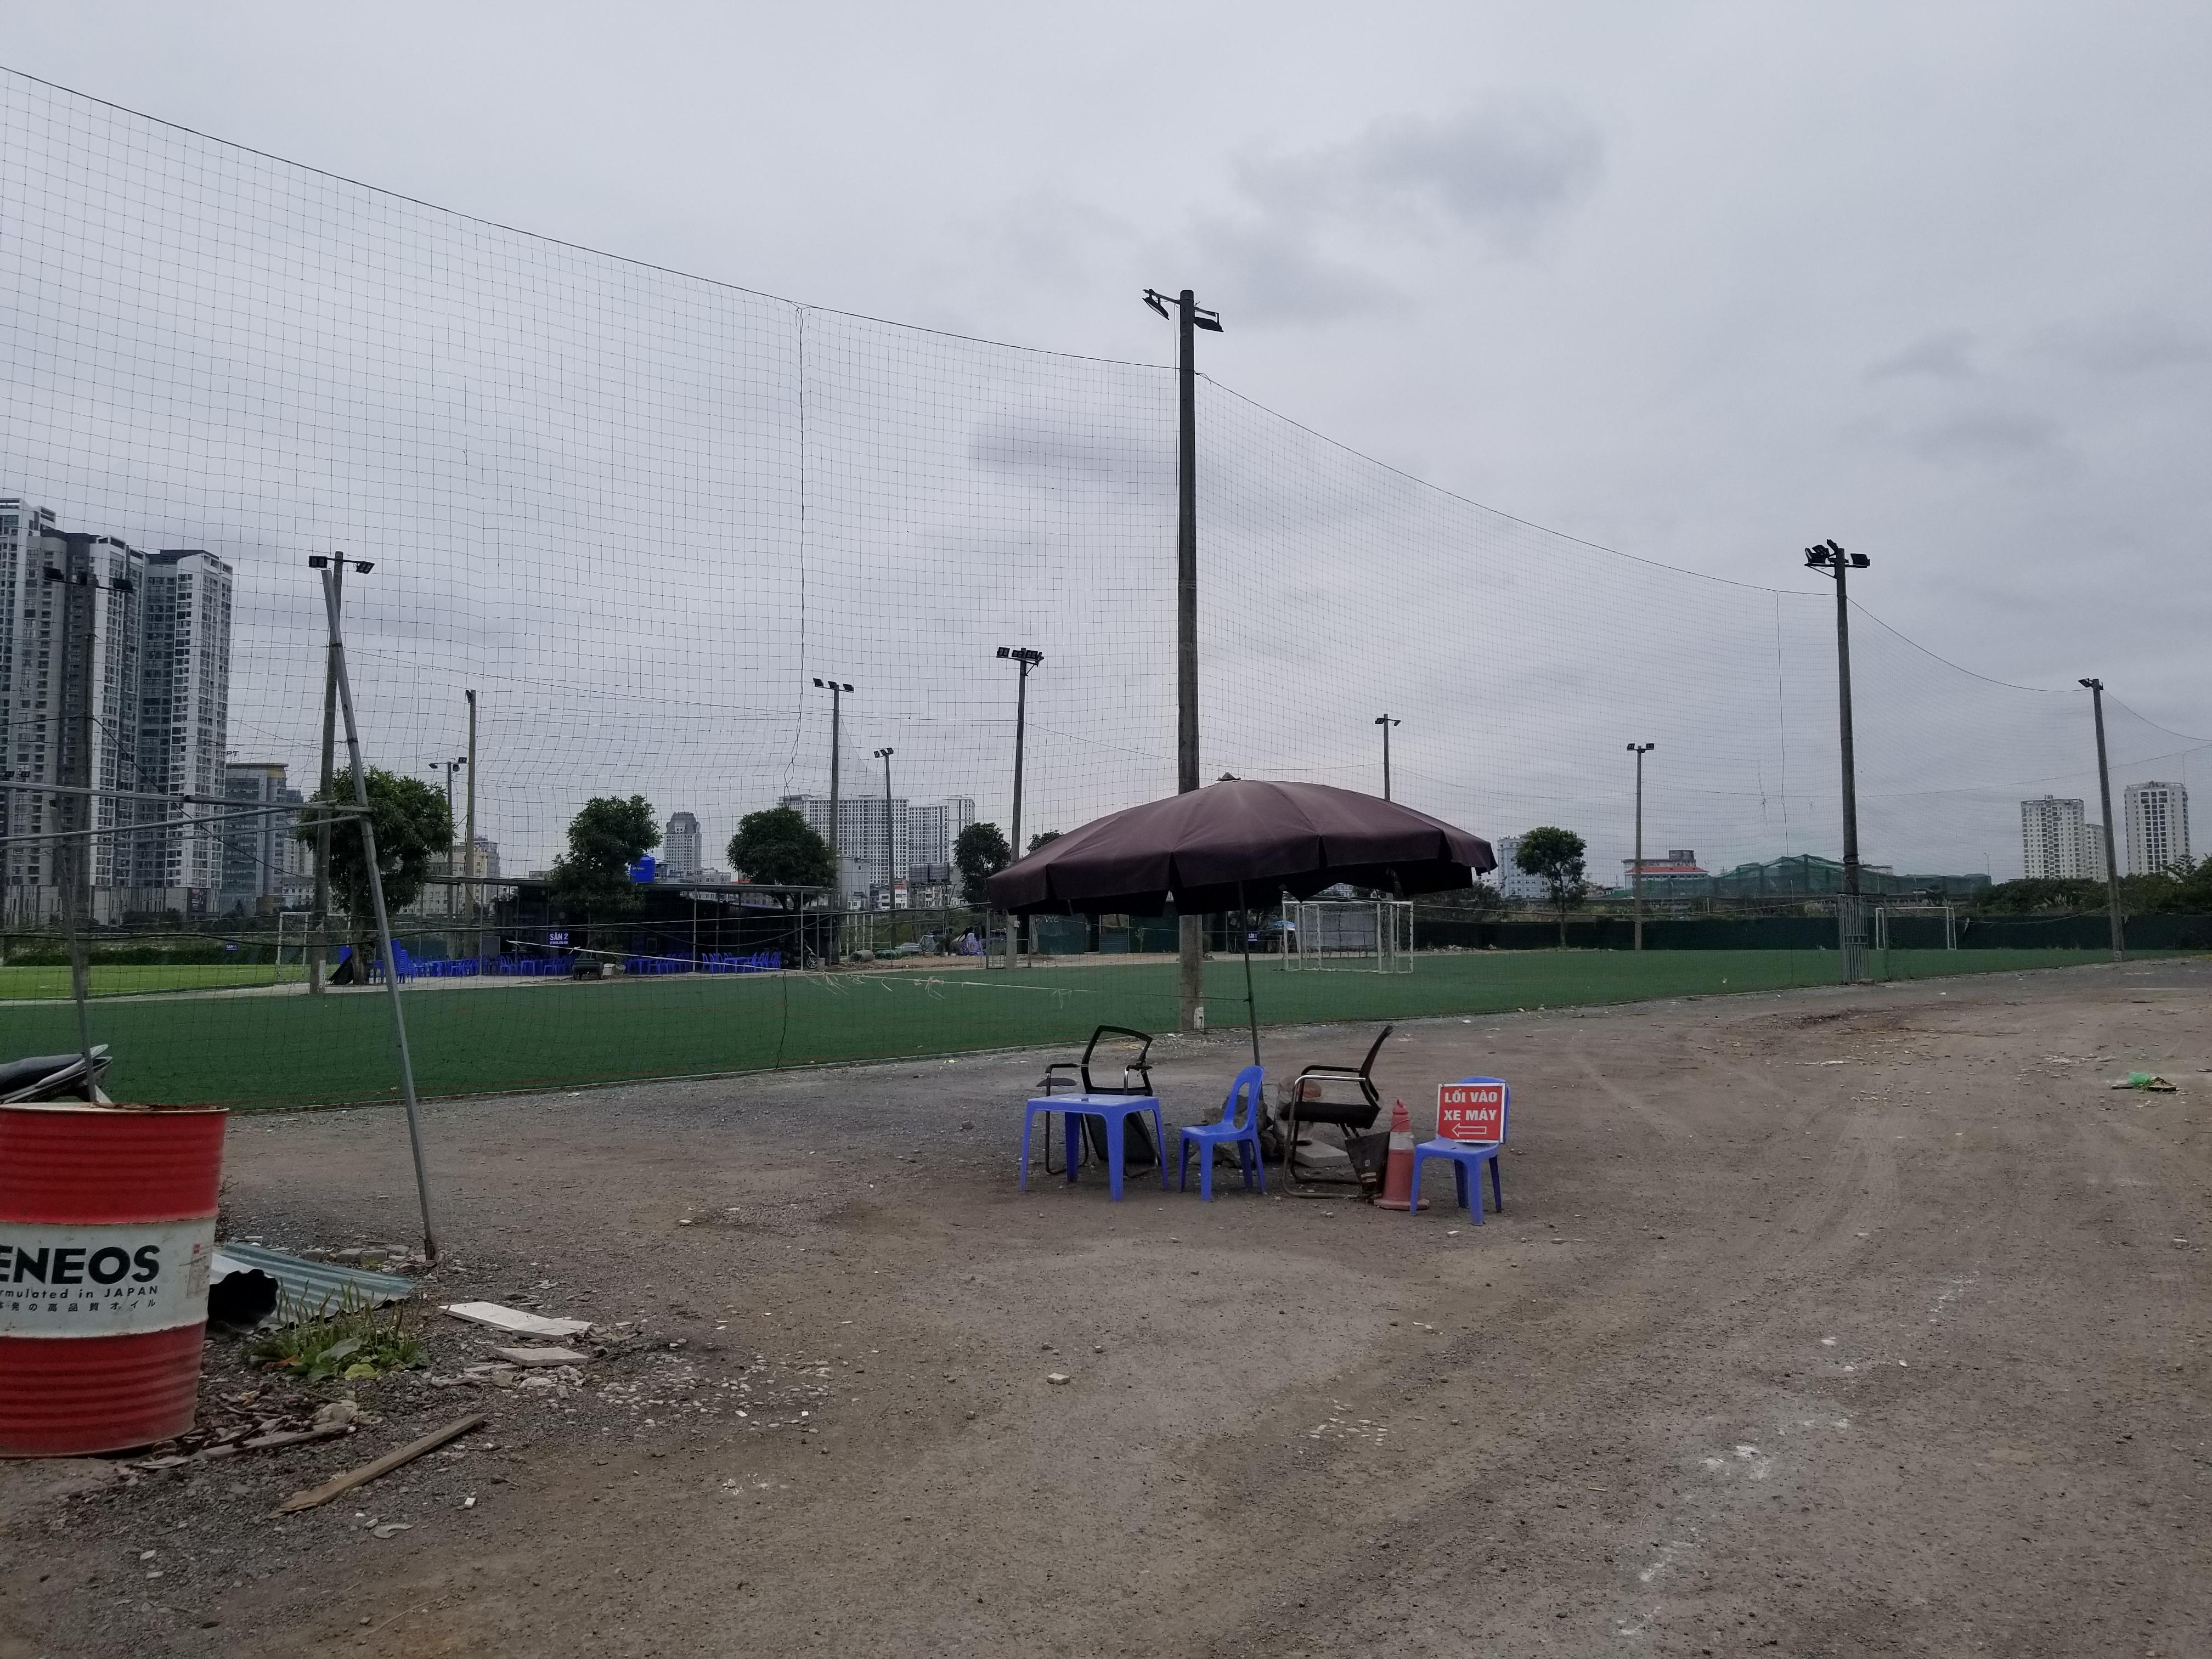 Sân bóng mini mọc lên ngay trên đất nông nghiệp tại ngõ 7 đường Tôn Thất Thuyết